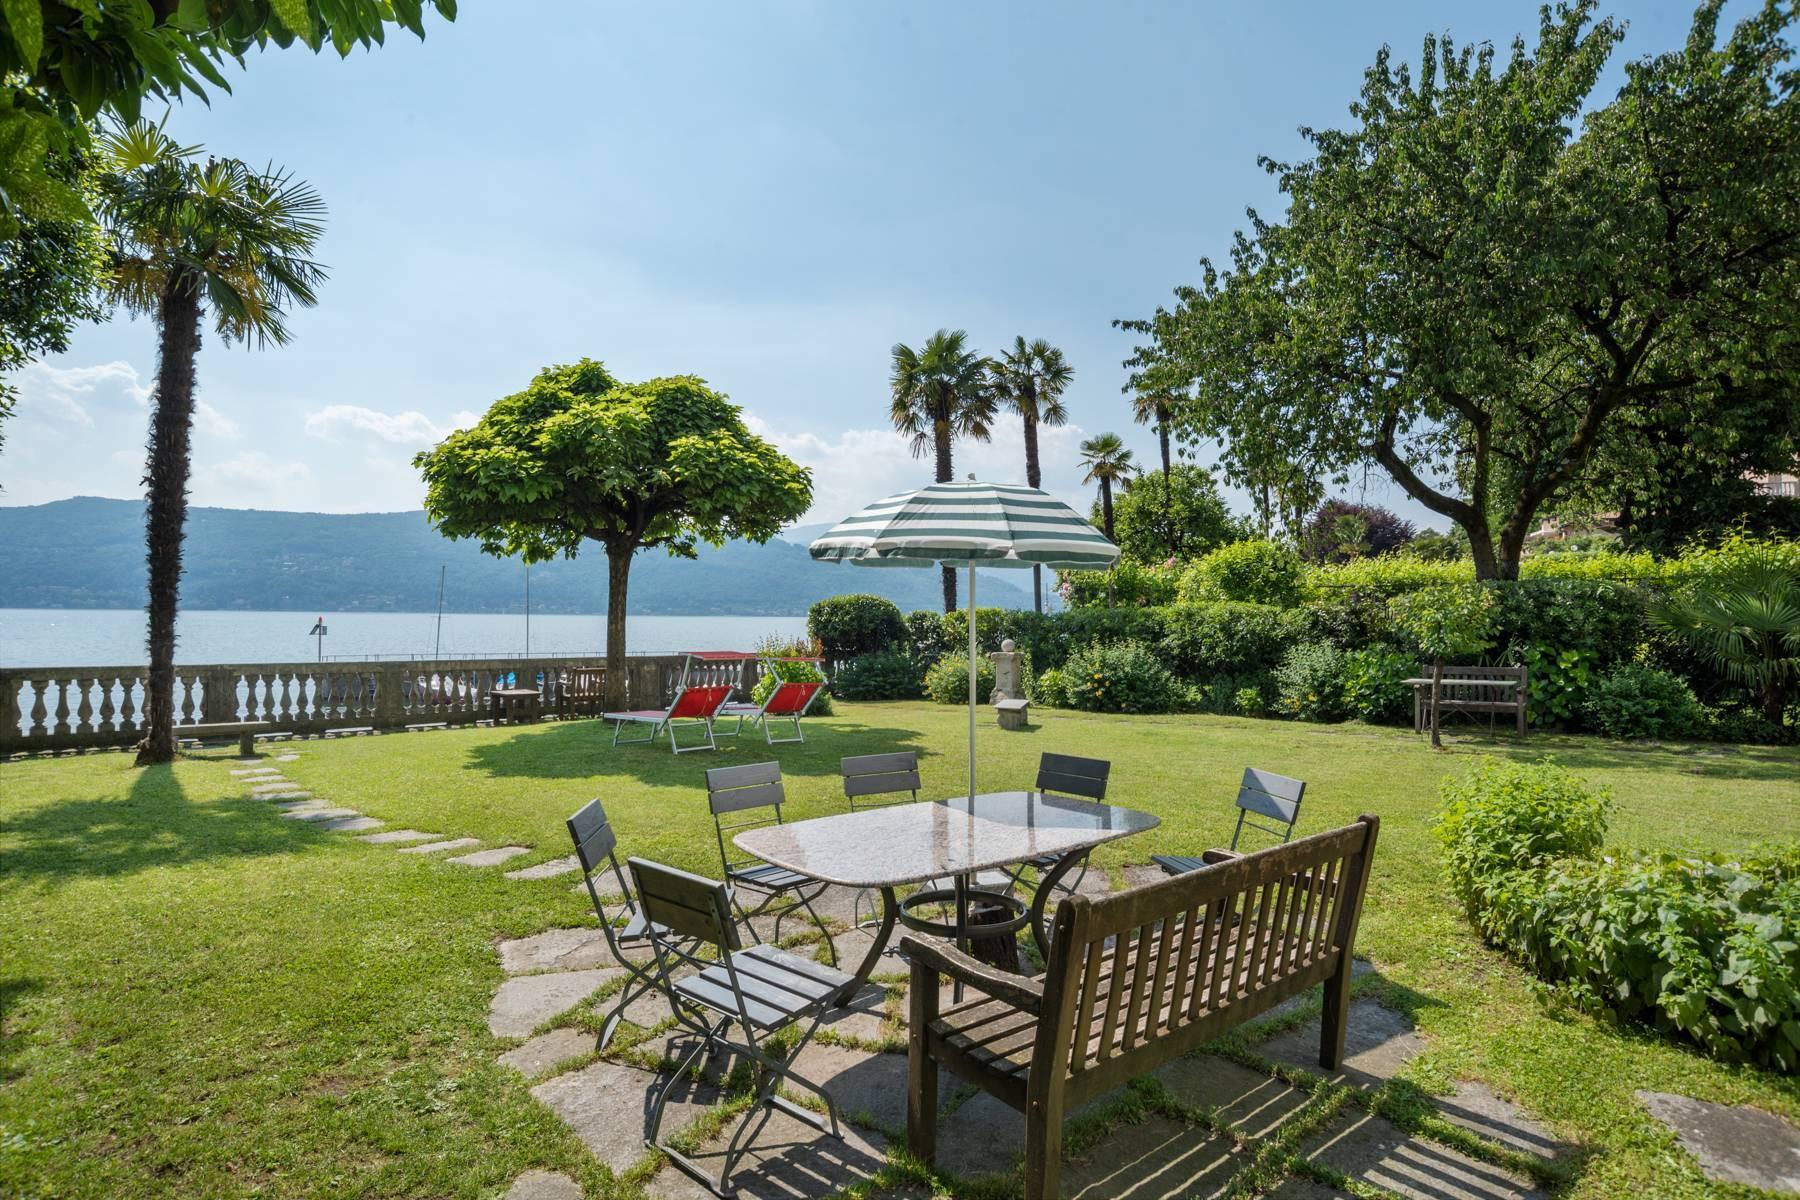 Casa storica direttamente sul lago Maggiore - 7